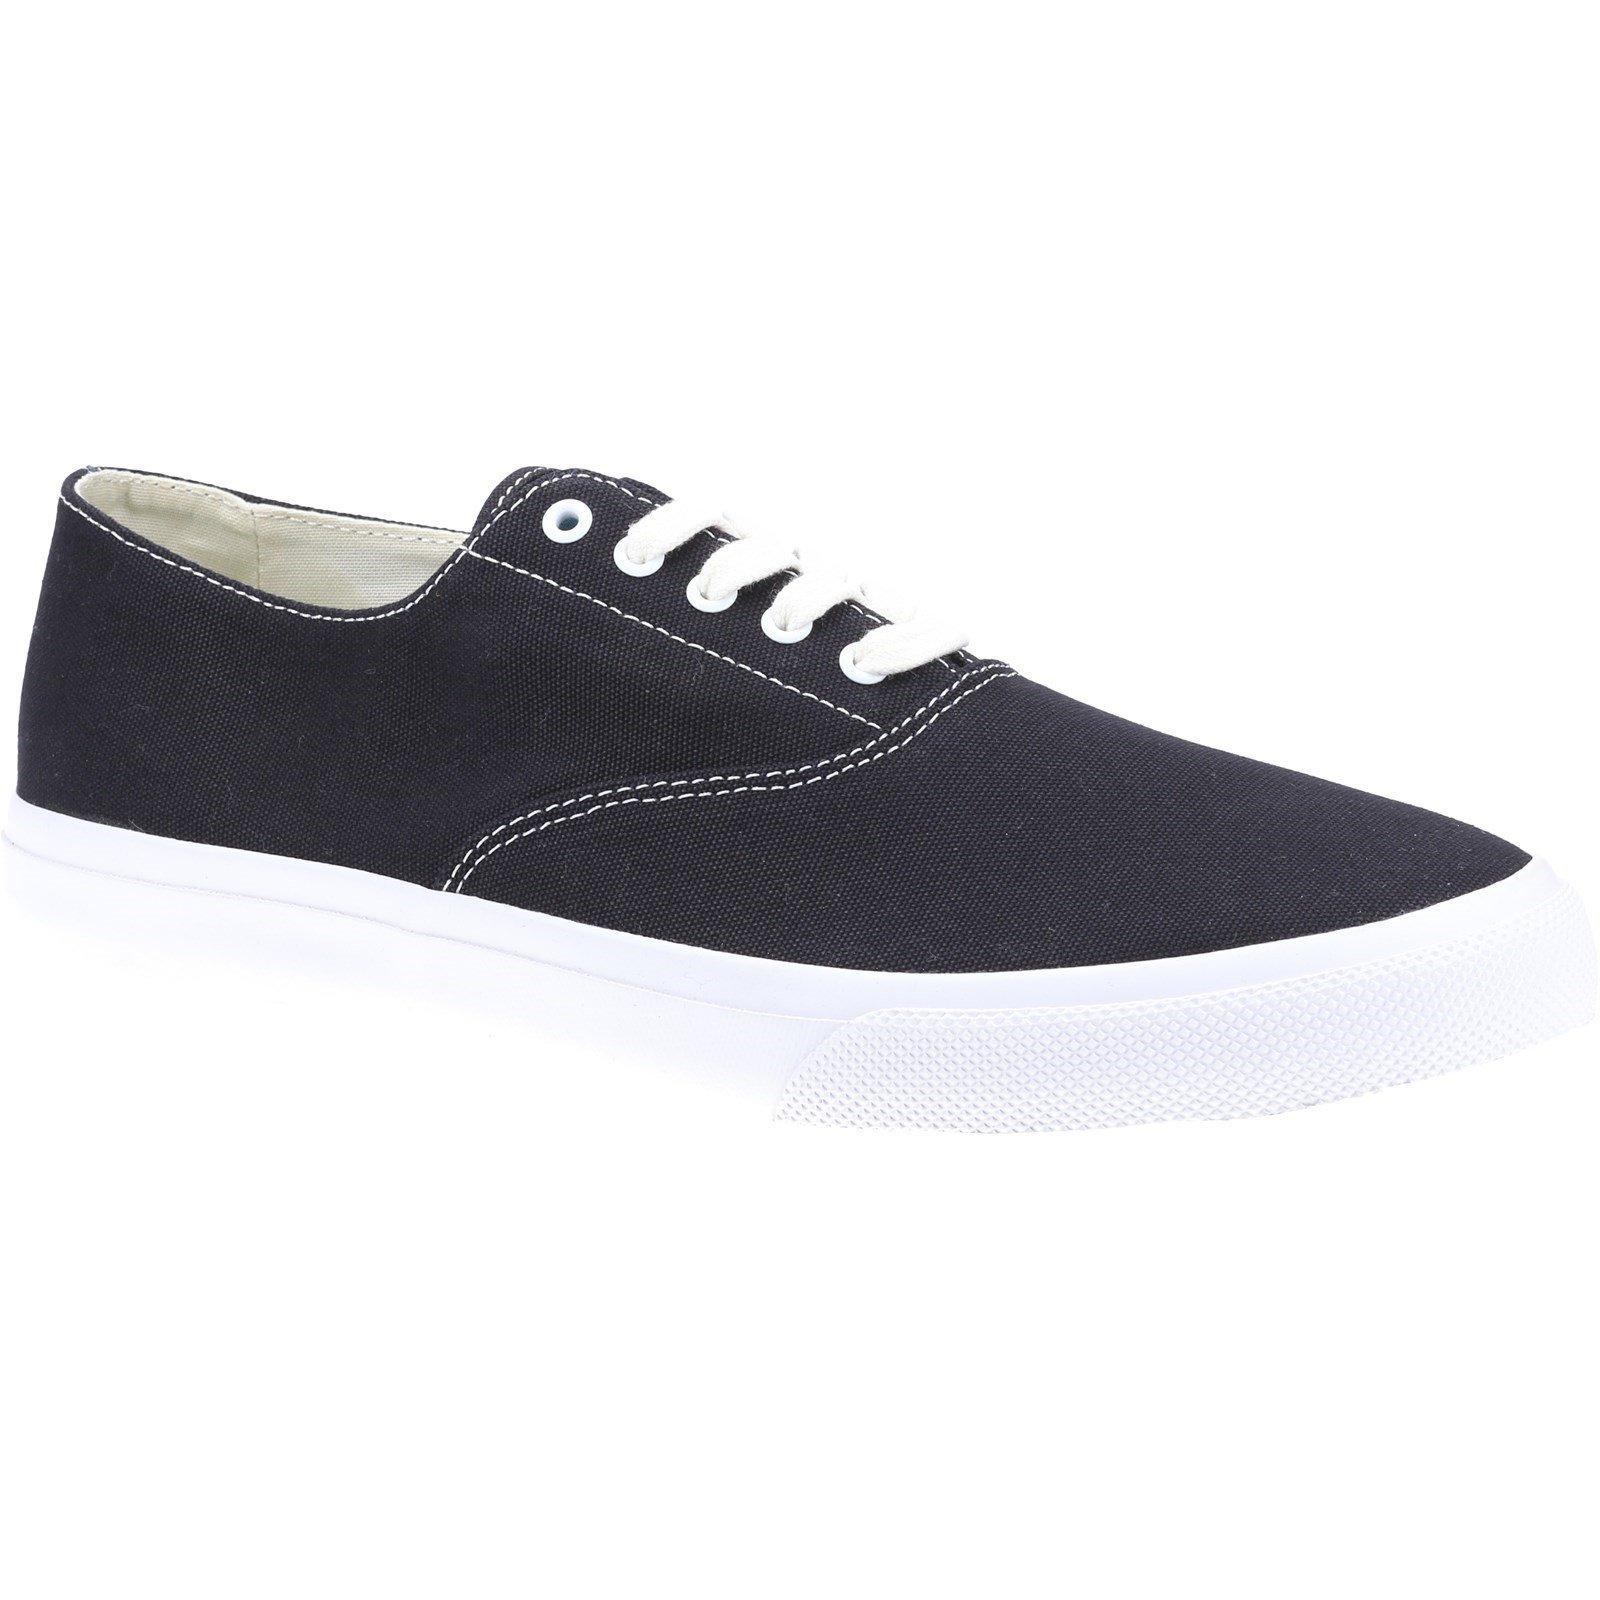 Sperry Men's Cloud CVO Boat Shoe Various Colours 33537 - Black 11